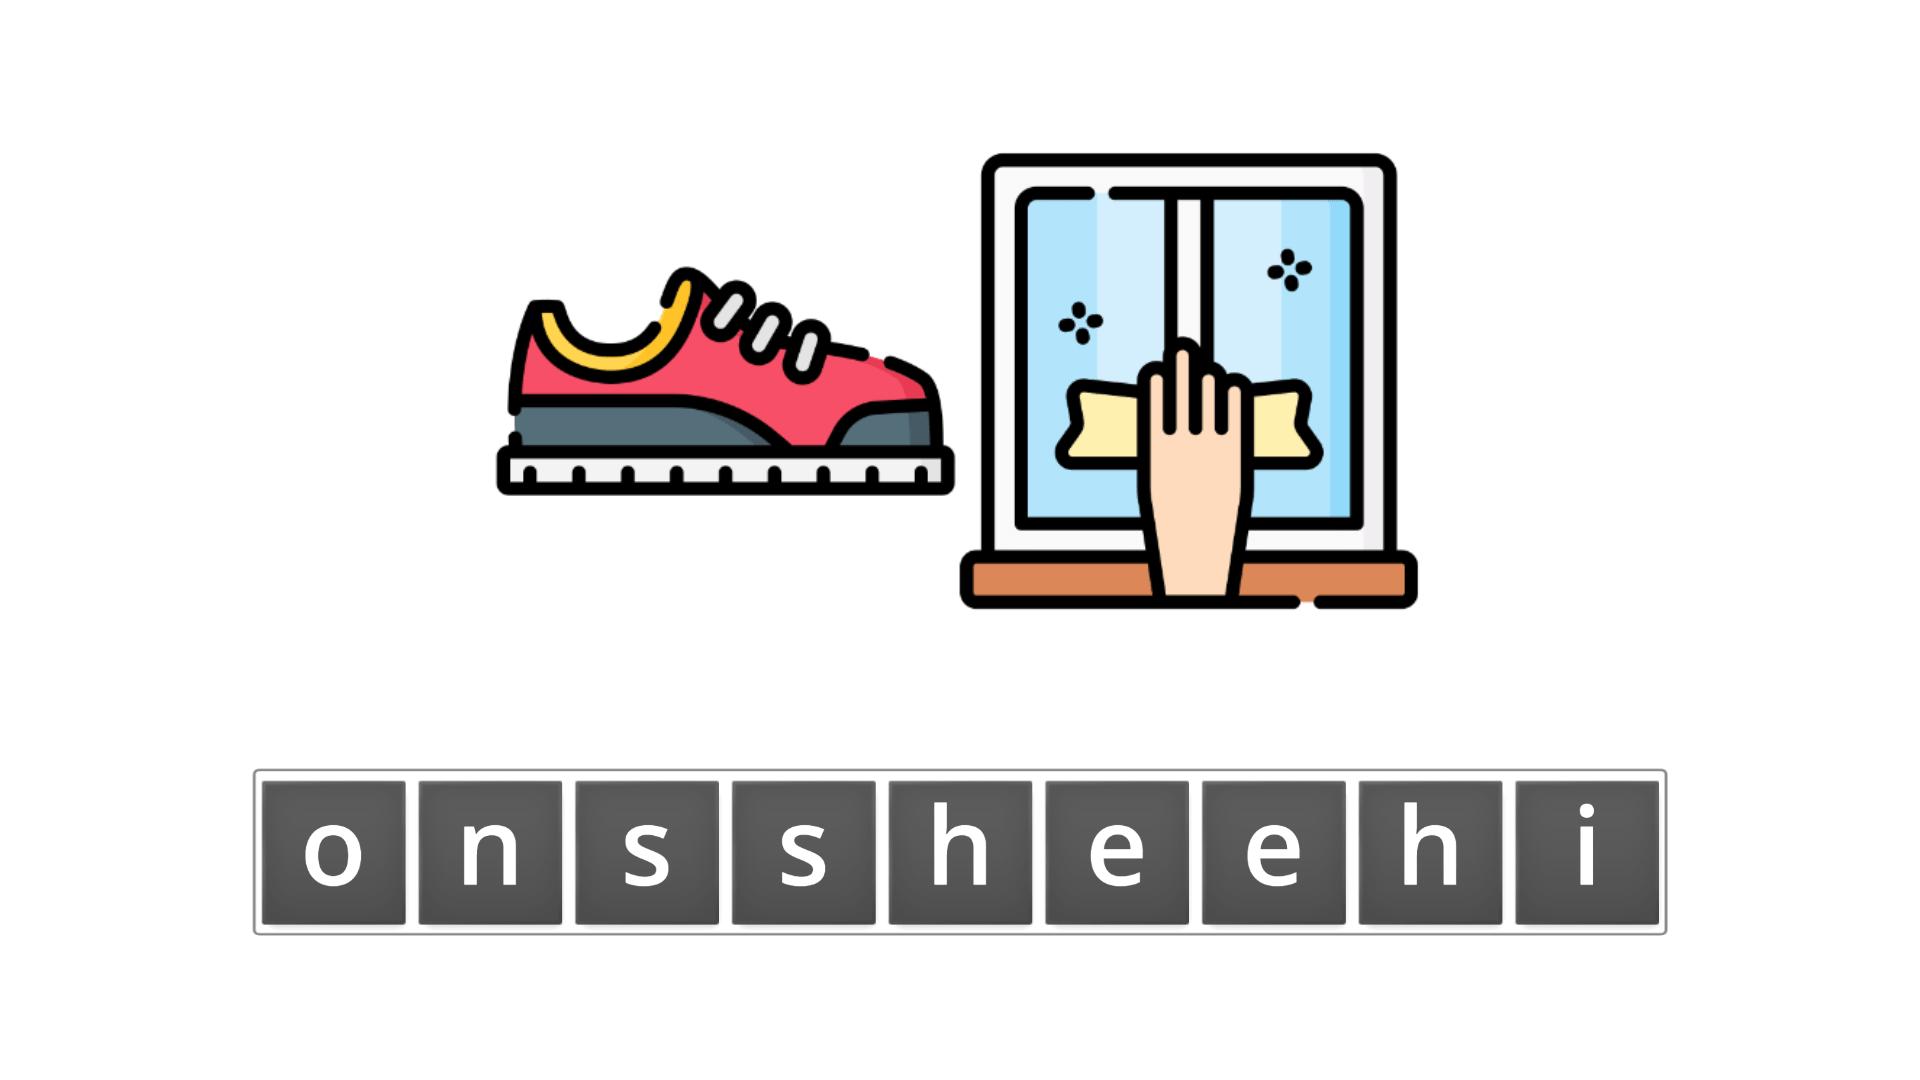 esl resources - flashcards - compound nouns  - unscramble - shoeshine